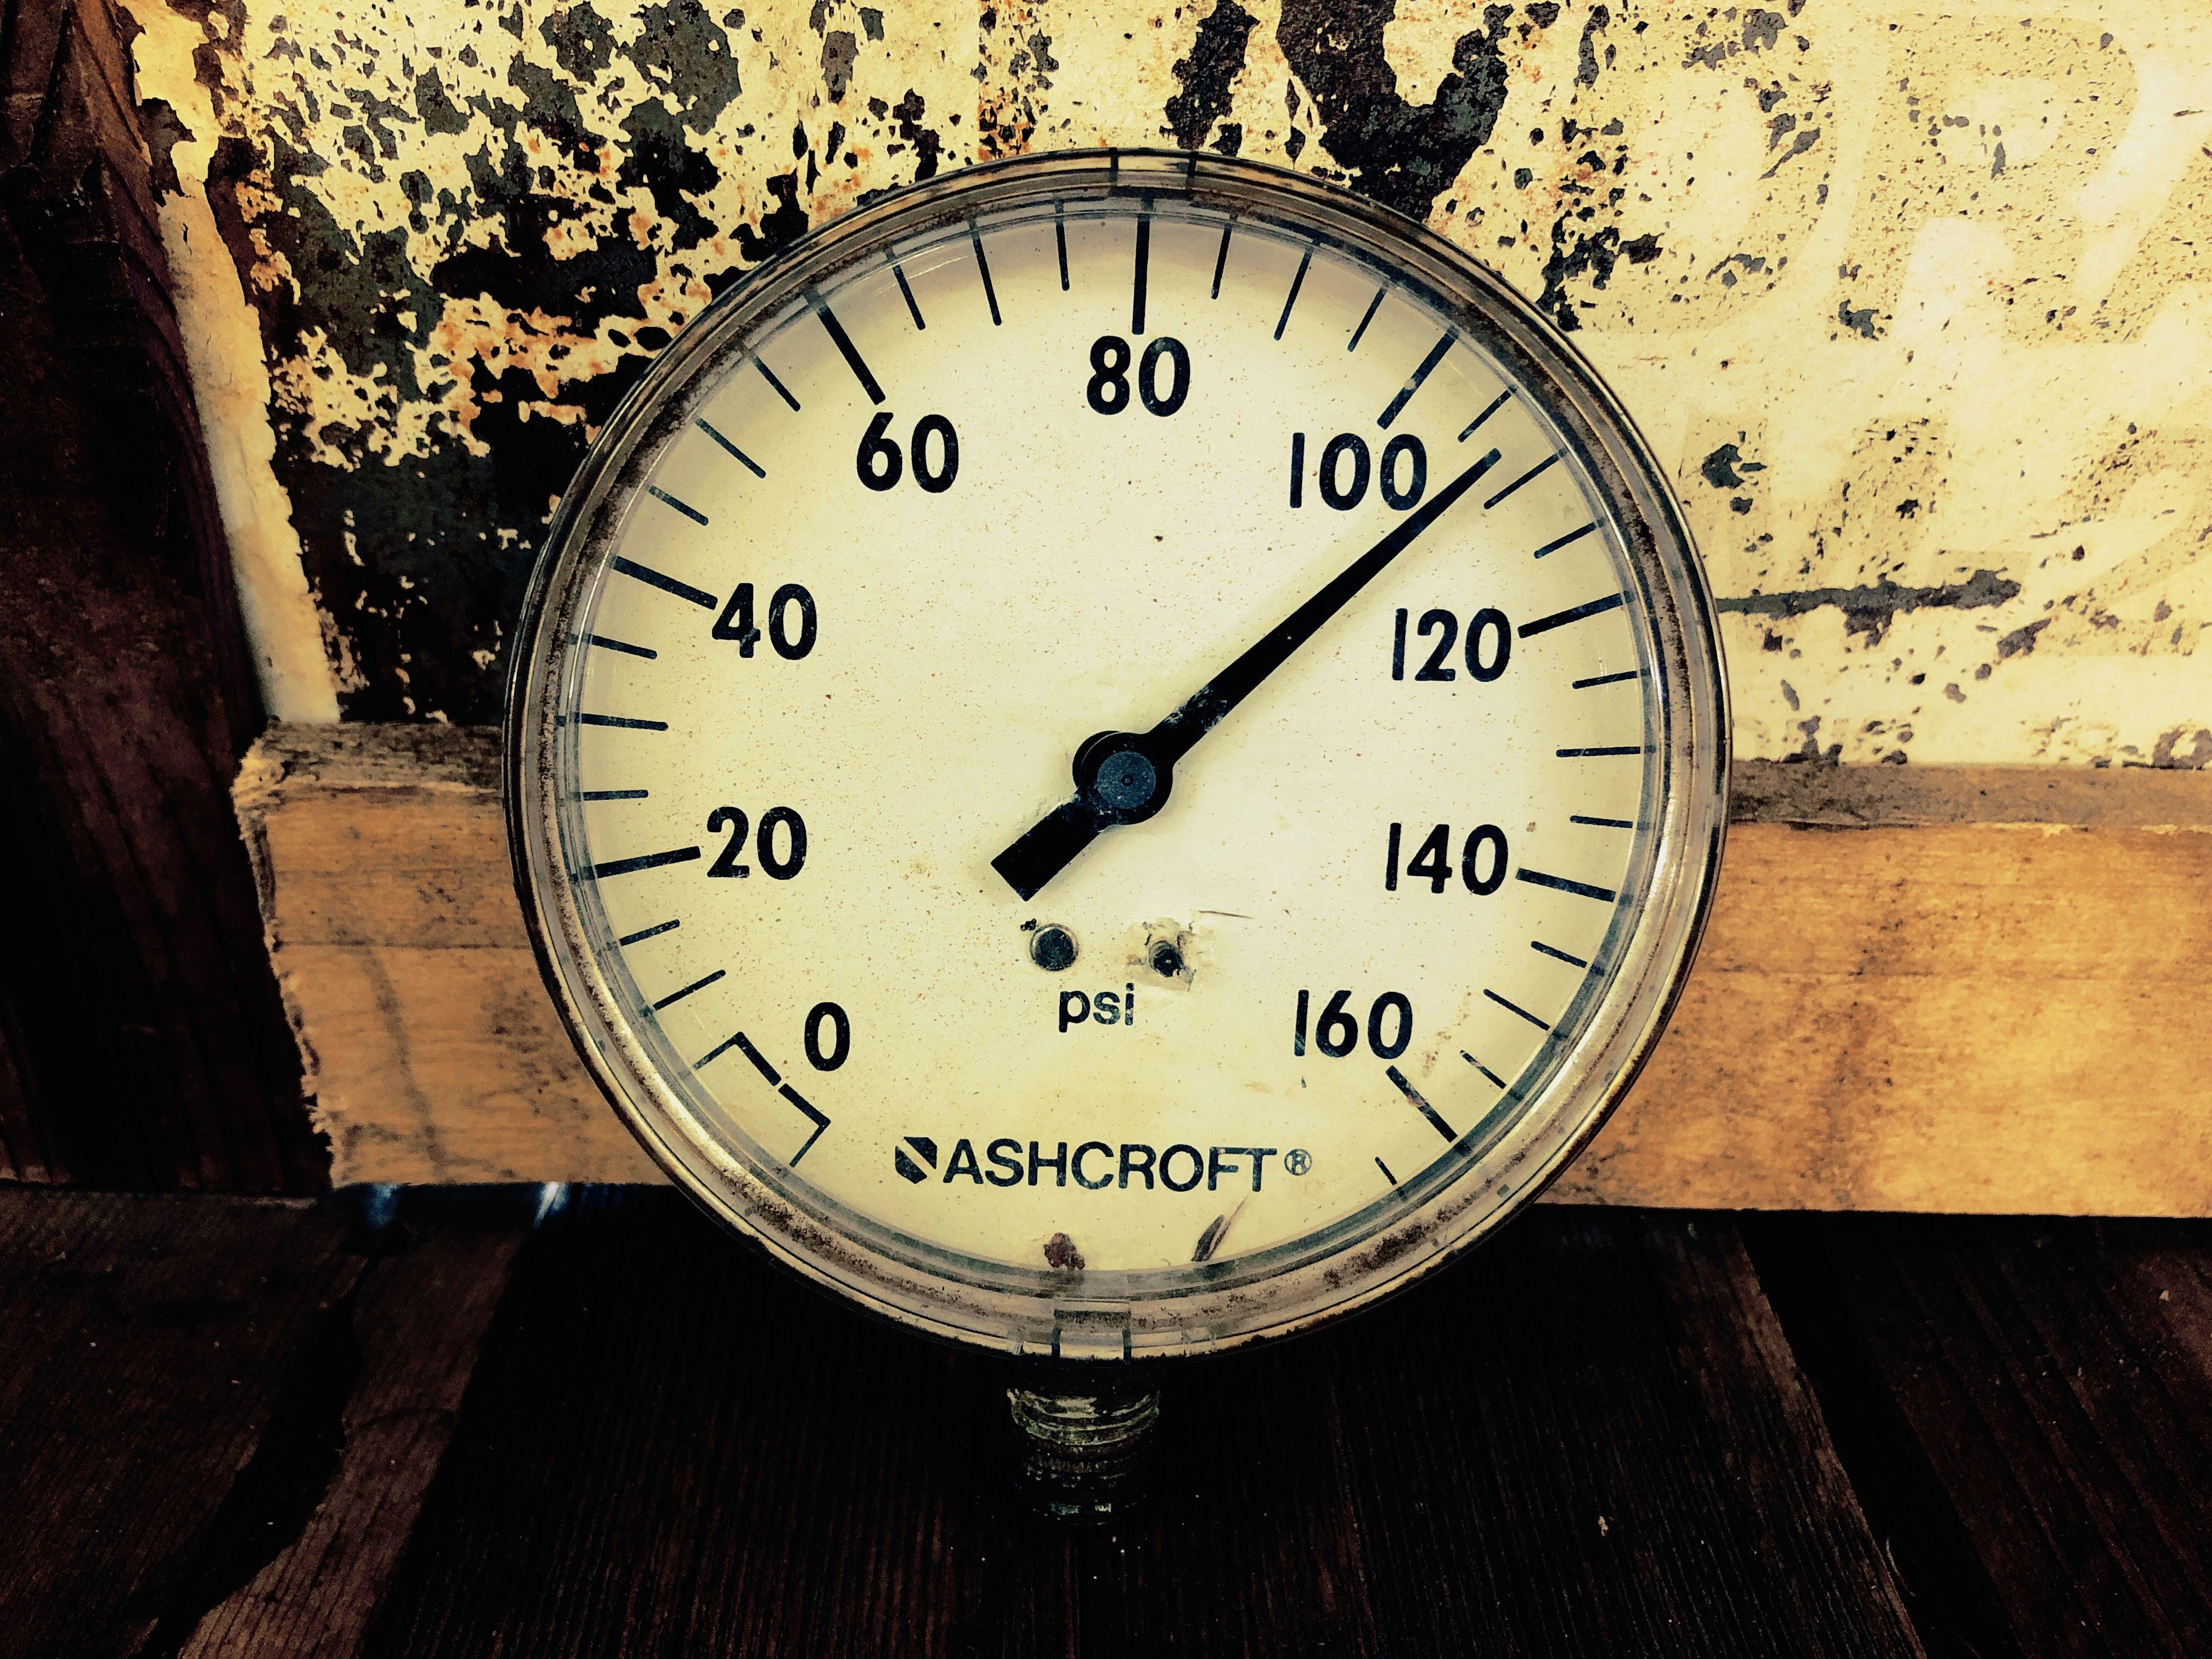 品番0180 Air Pressure Gauge エアープレッシャーゲージ ASHCROFT(アシュクロフト) 圧力計 ヴィンテージ